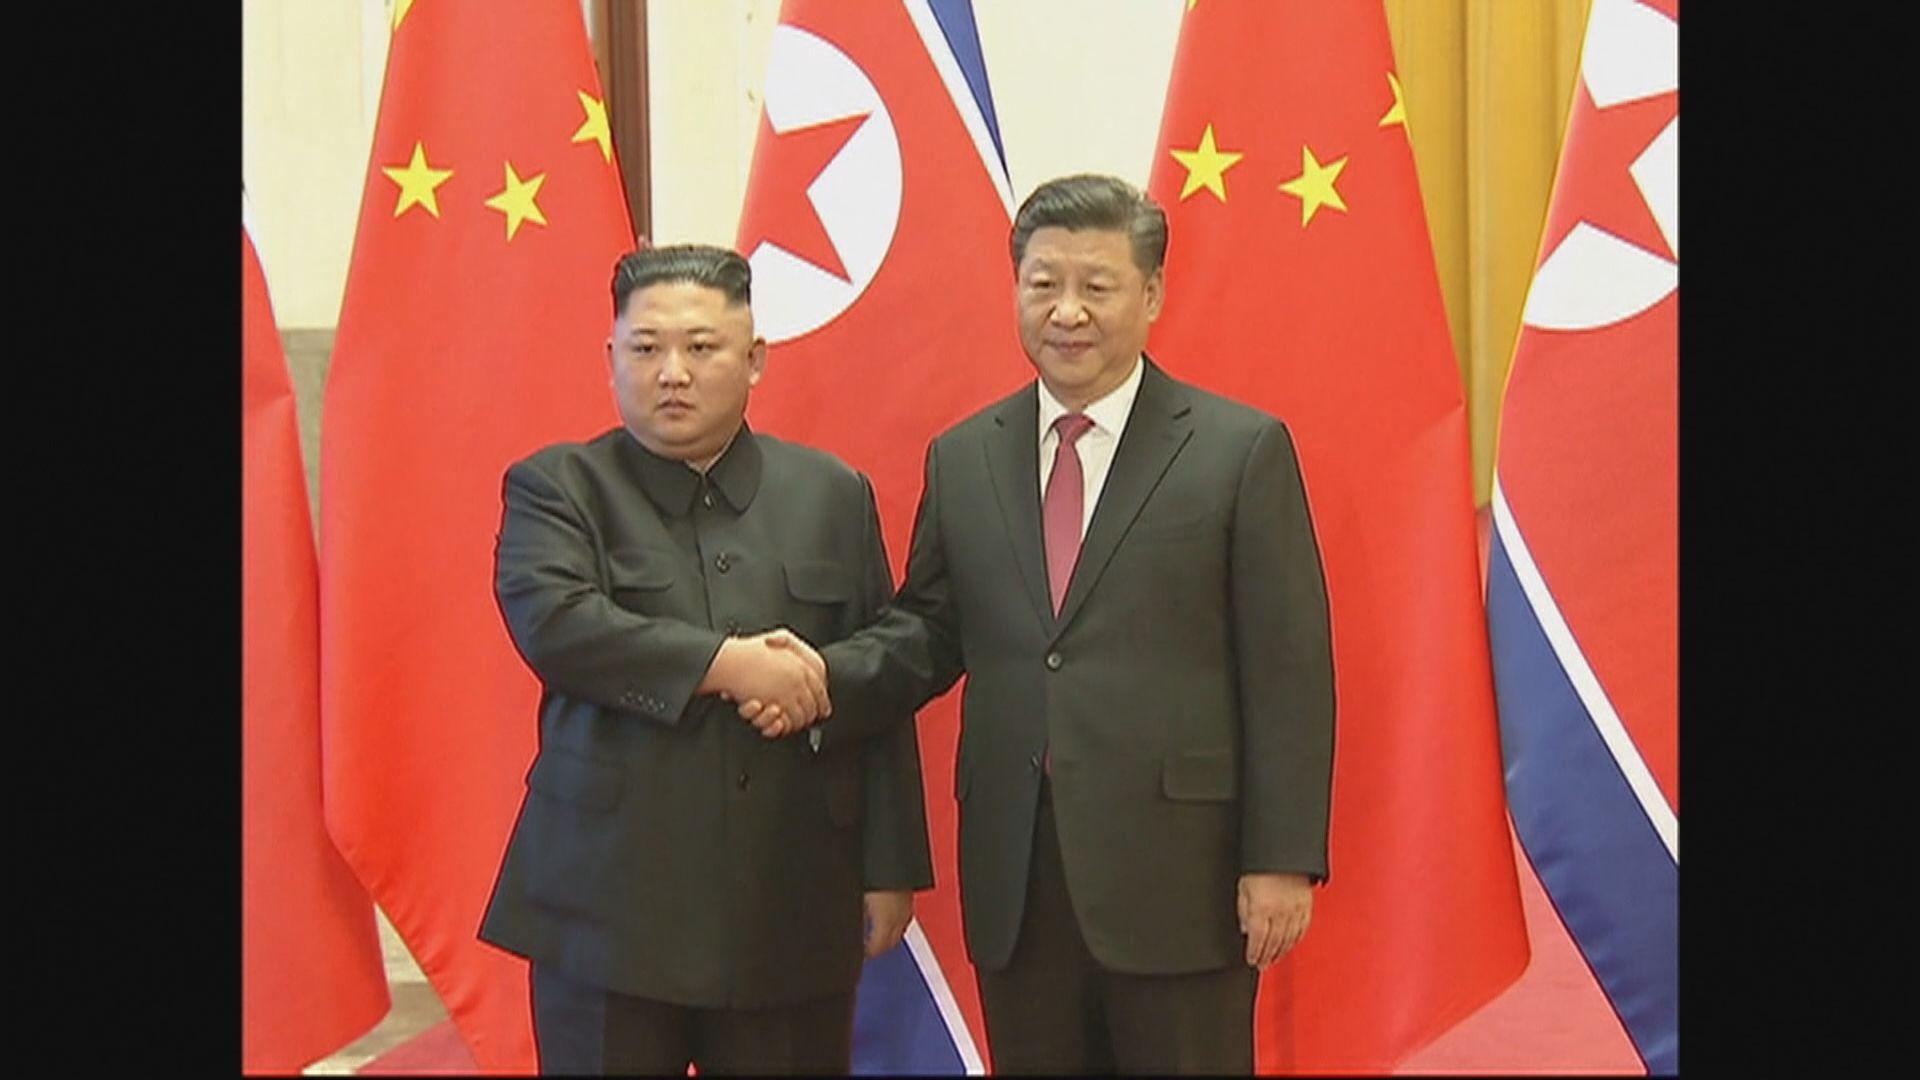 習近平:朝鮮半島和平對話大勢已形成